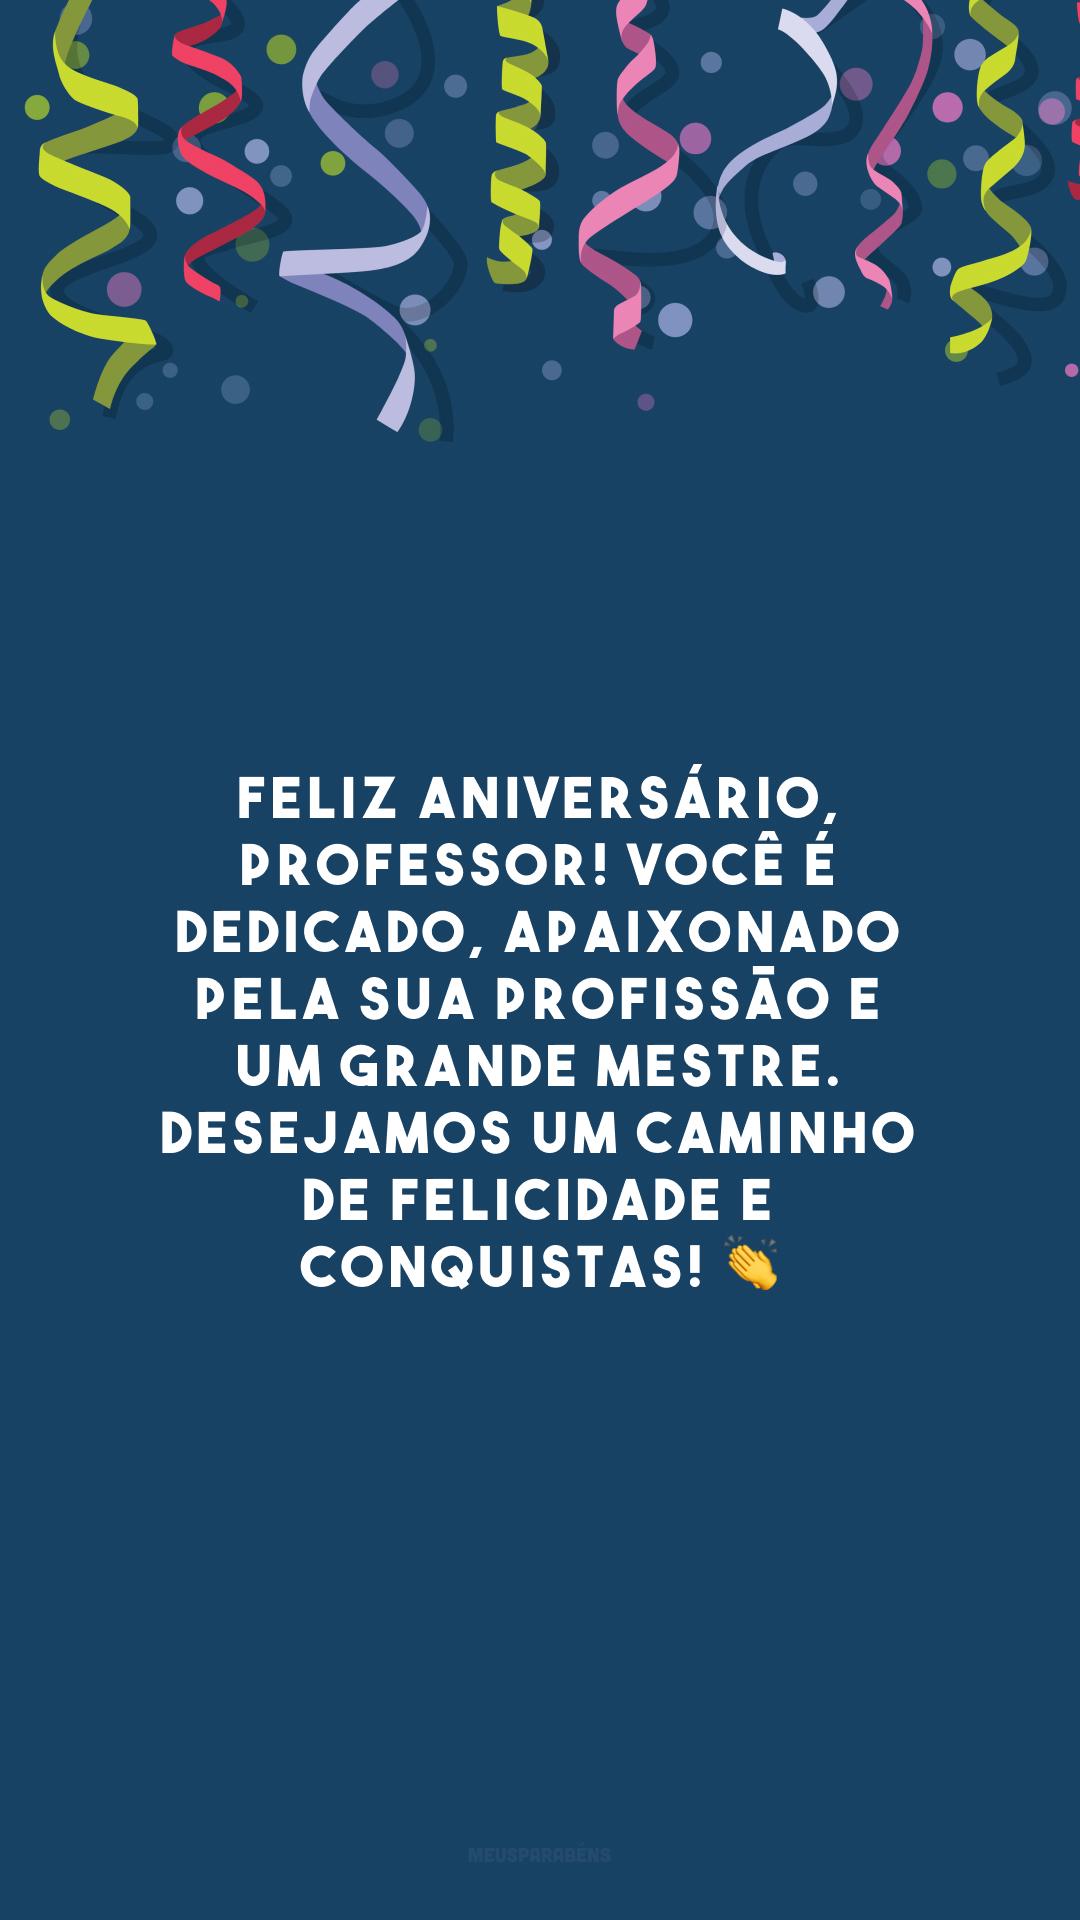 Feliz aniversário, professor! Você é dedicado, apaixonado pela sua profissão e um grande mestre. Desejamos um caminho de felicidade e conquistas! 👏